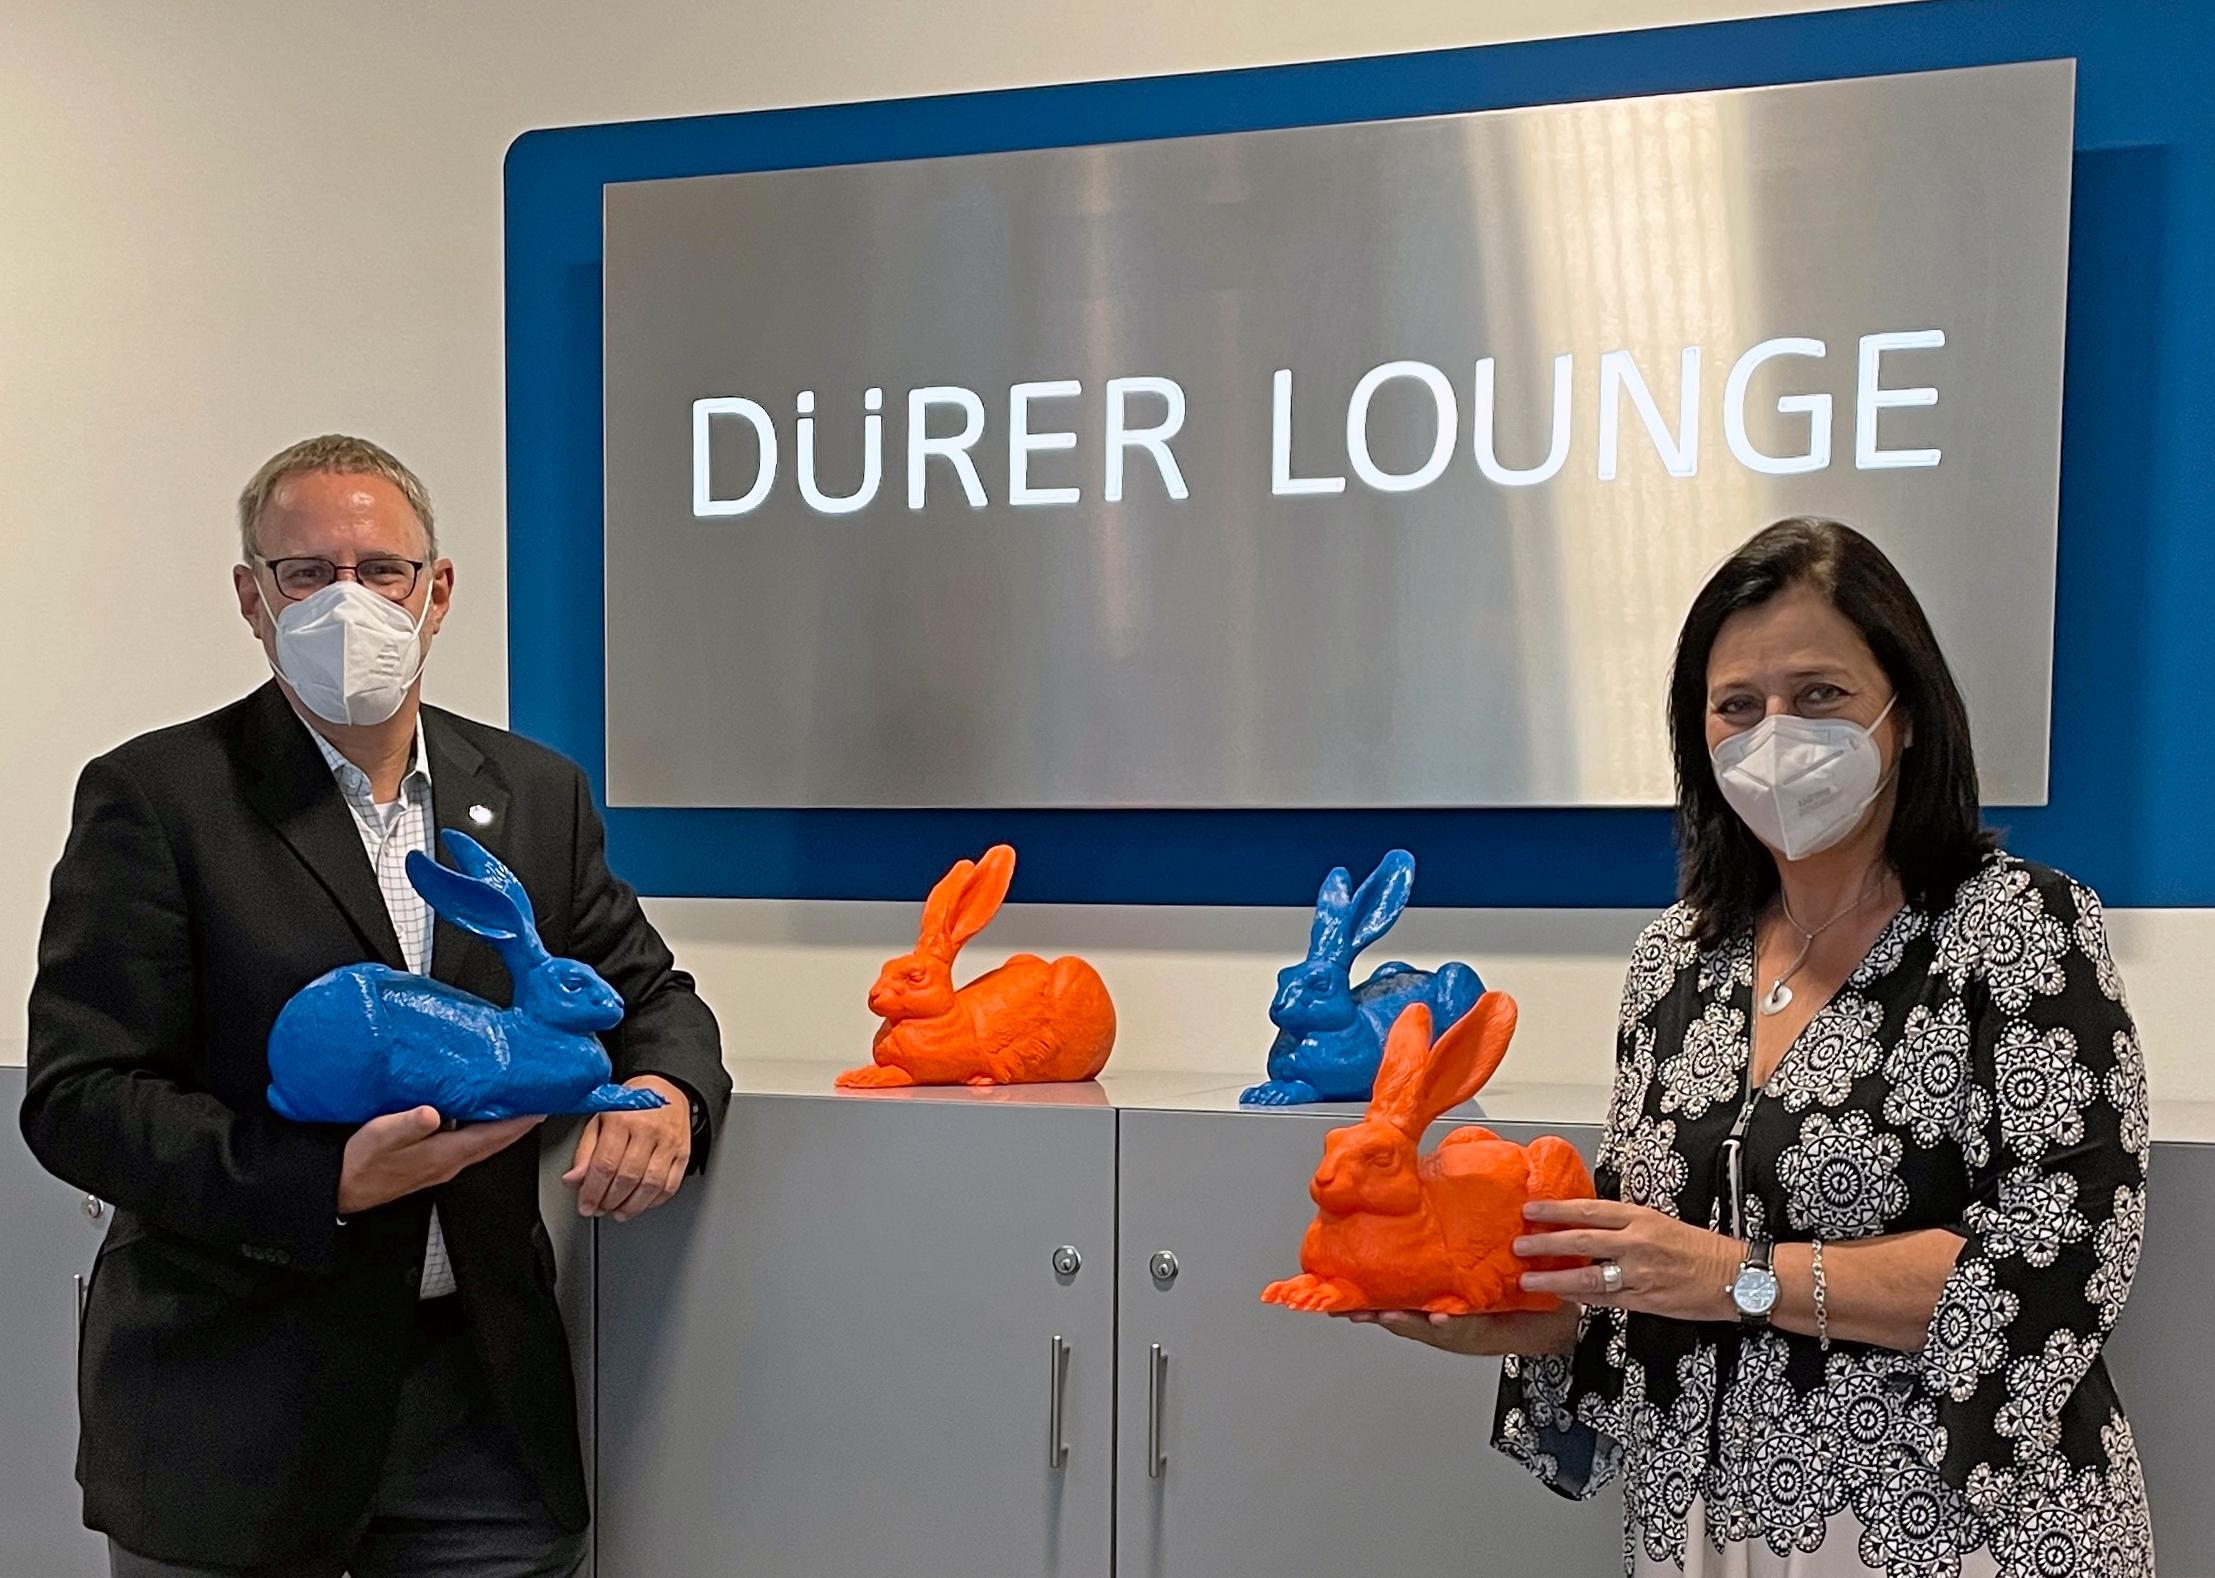 Stellen die neue Dürer Lounge vor: Business Account Manager Air France KLM Eva-Maria Rau und Flughafengeschäftsführer Dr. Michael Hupe.